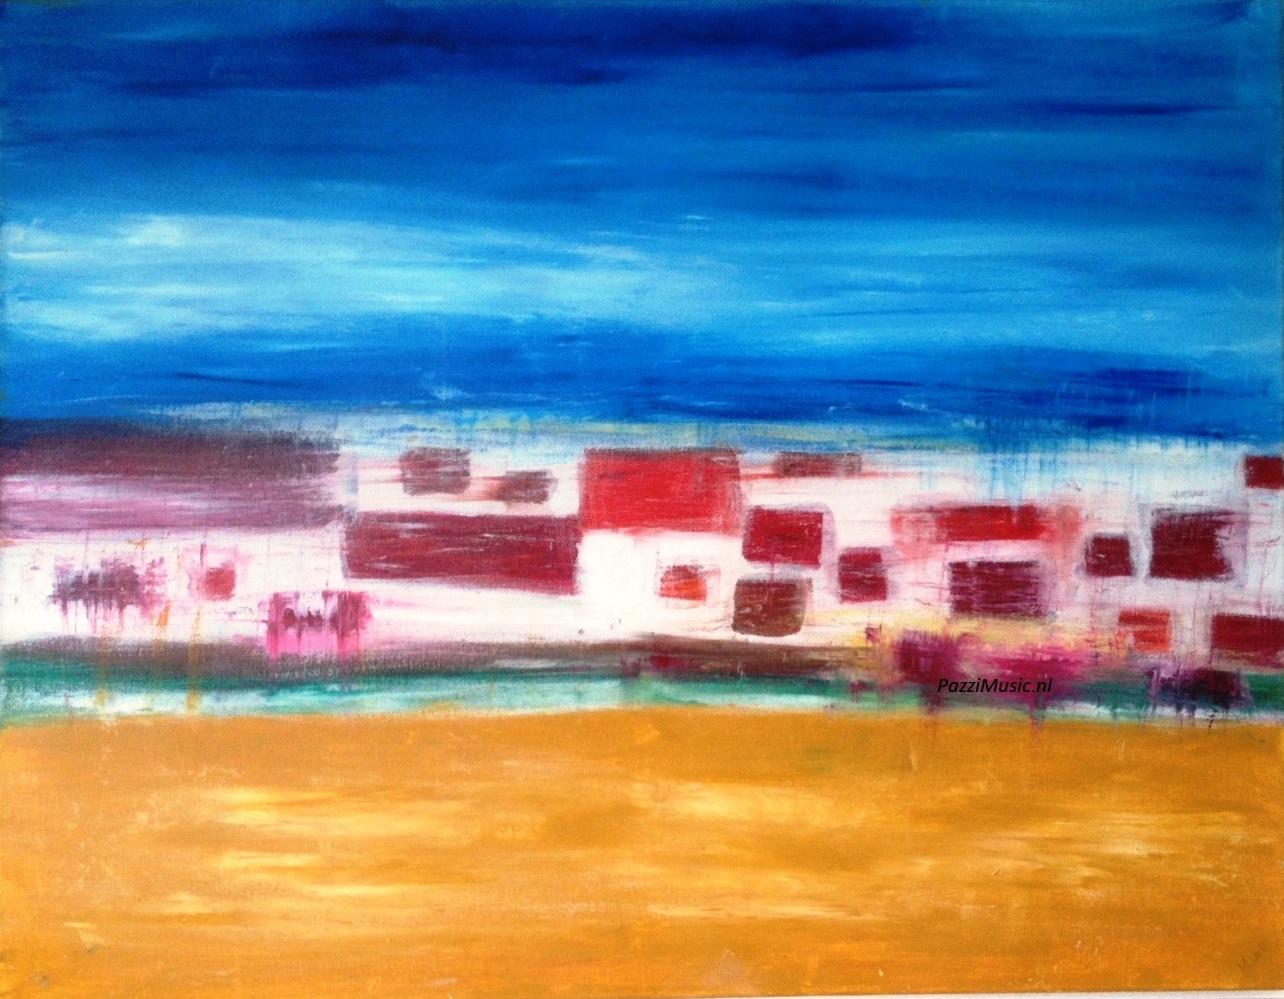 Verwonderlijk Abstract Schilderij Kopen in opdracht laten maken.Sfeervol in huis CP-62